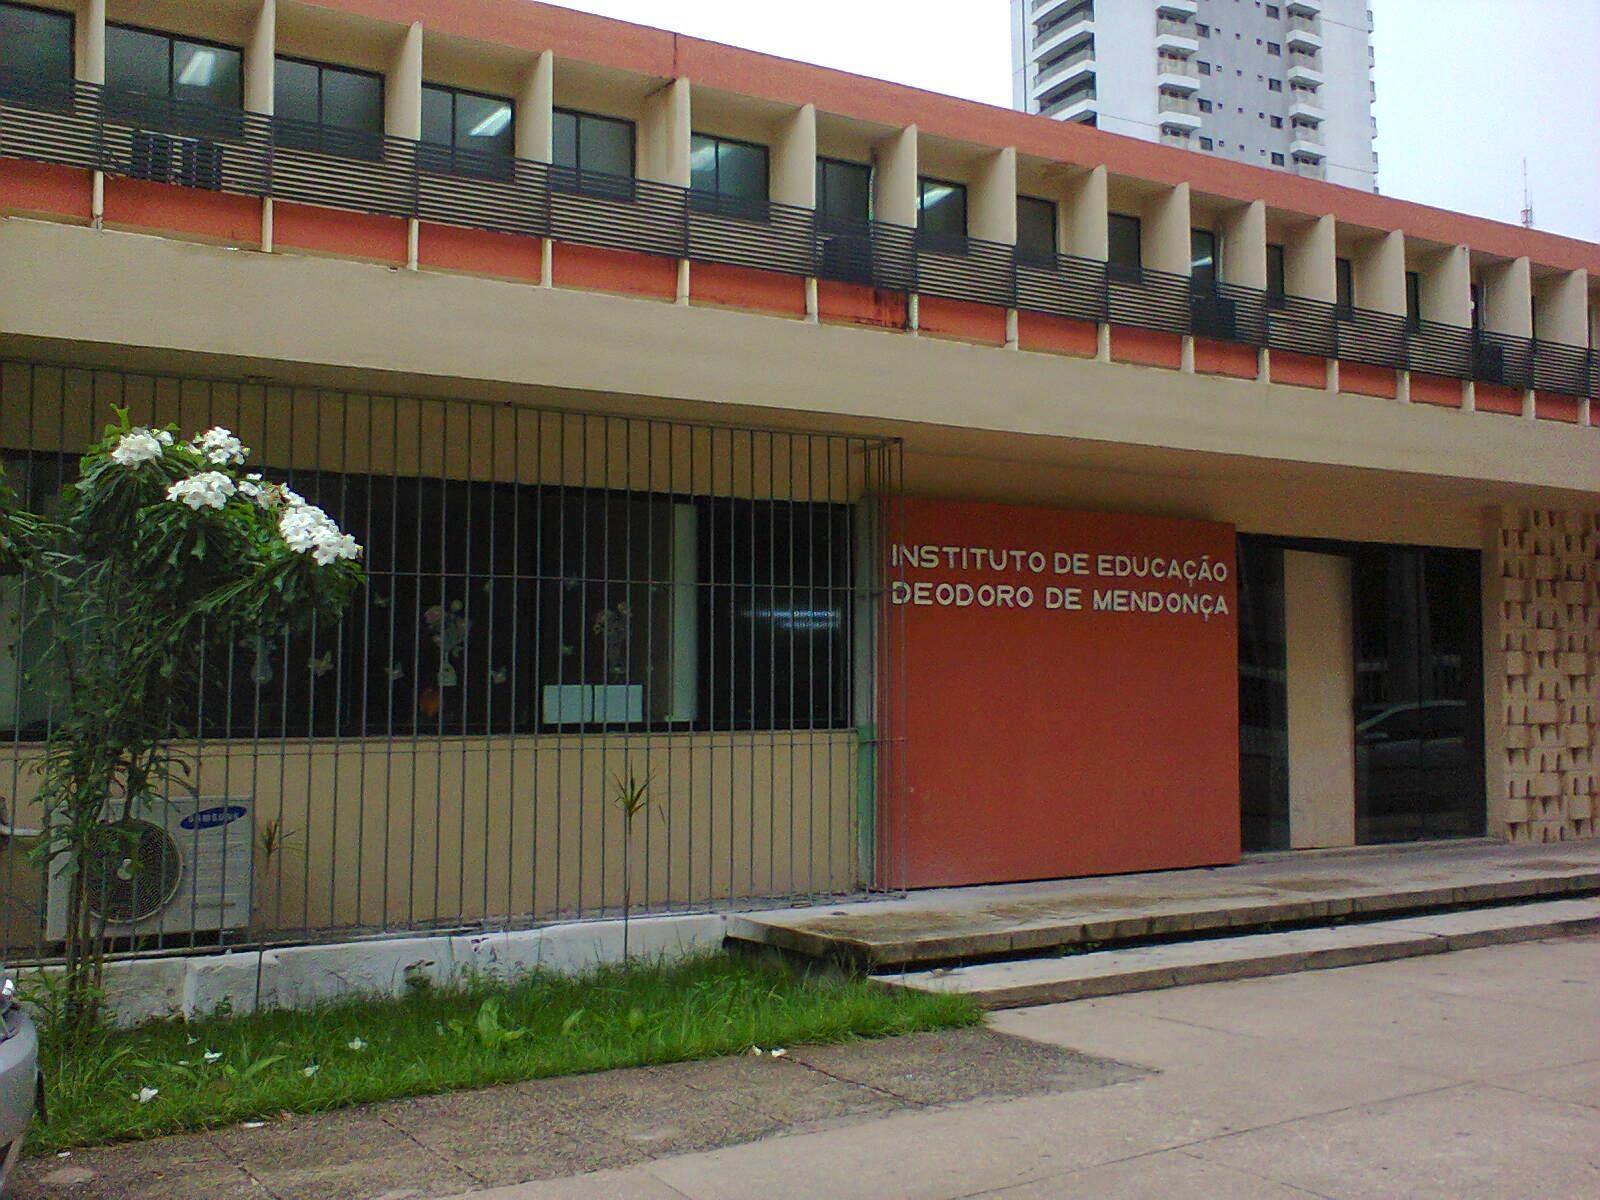 Escola Deodoro de Mendonça/Foto: Léa.